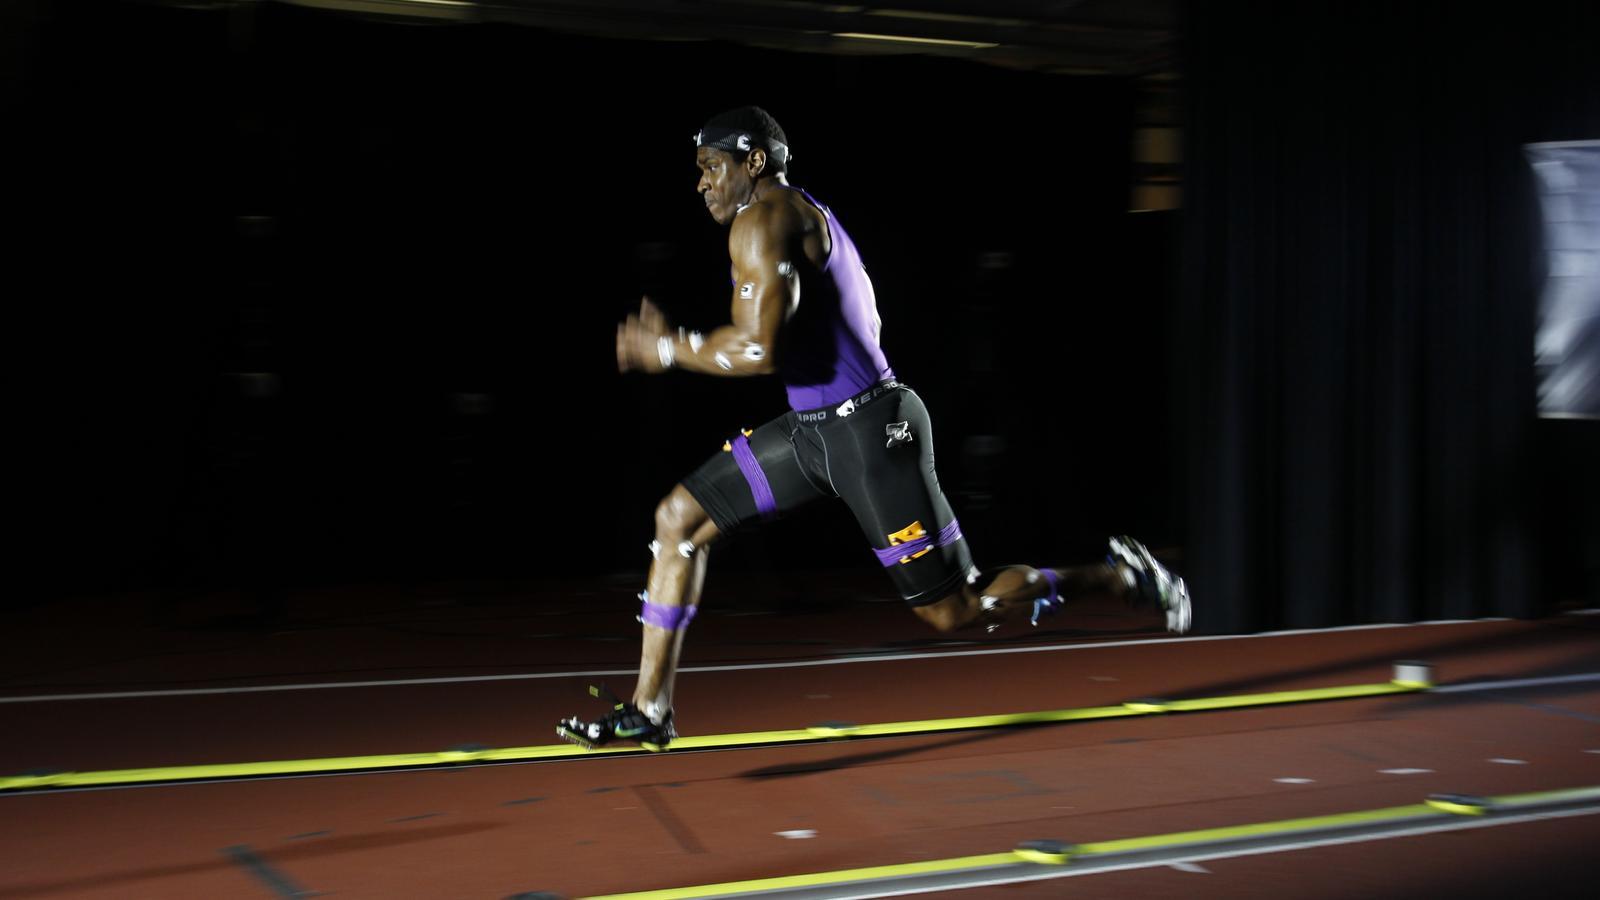 nsrl-track-action